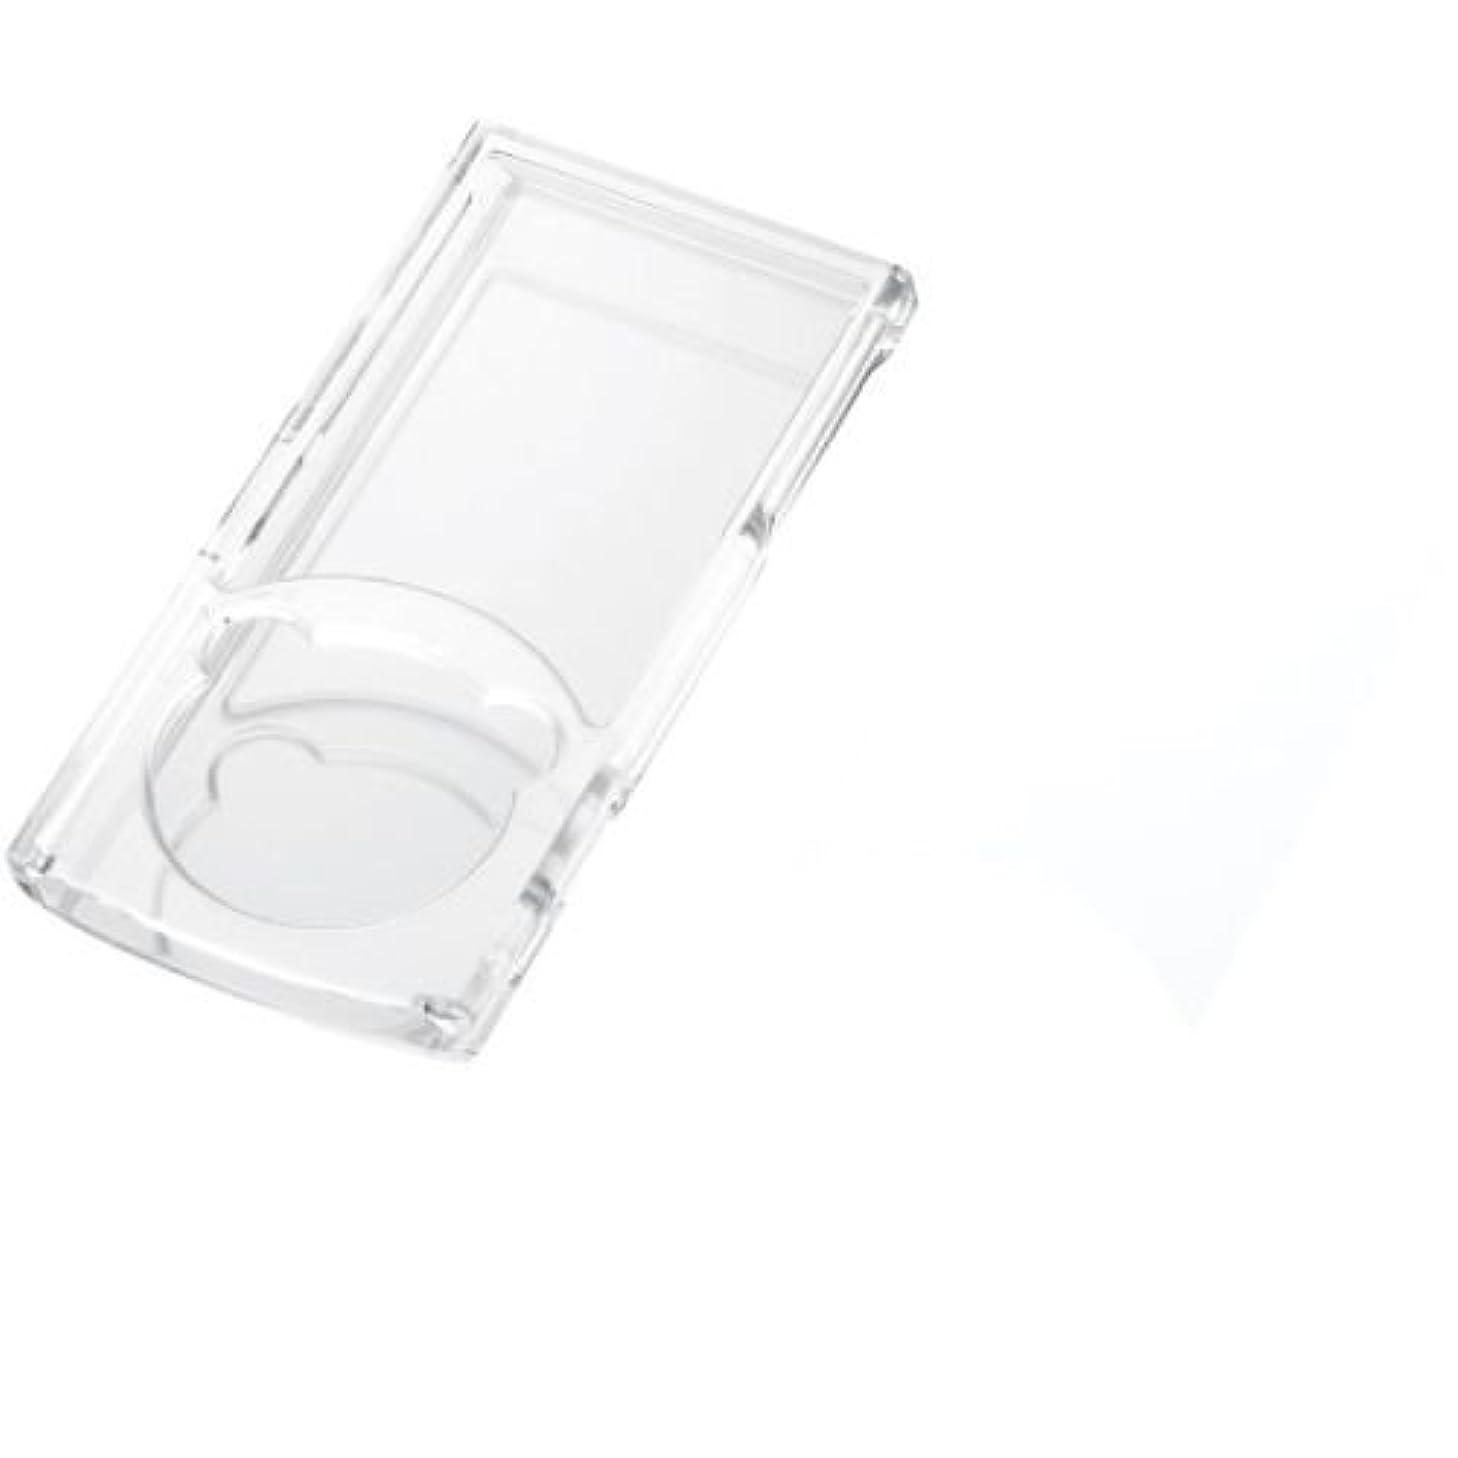 酒不忠ヒープELECOM Walkman Sシリーズ (2009年発売) ハードケース クリア AVS-S09PCCR